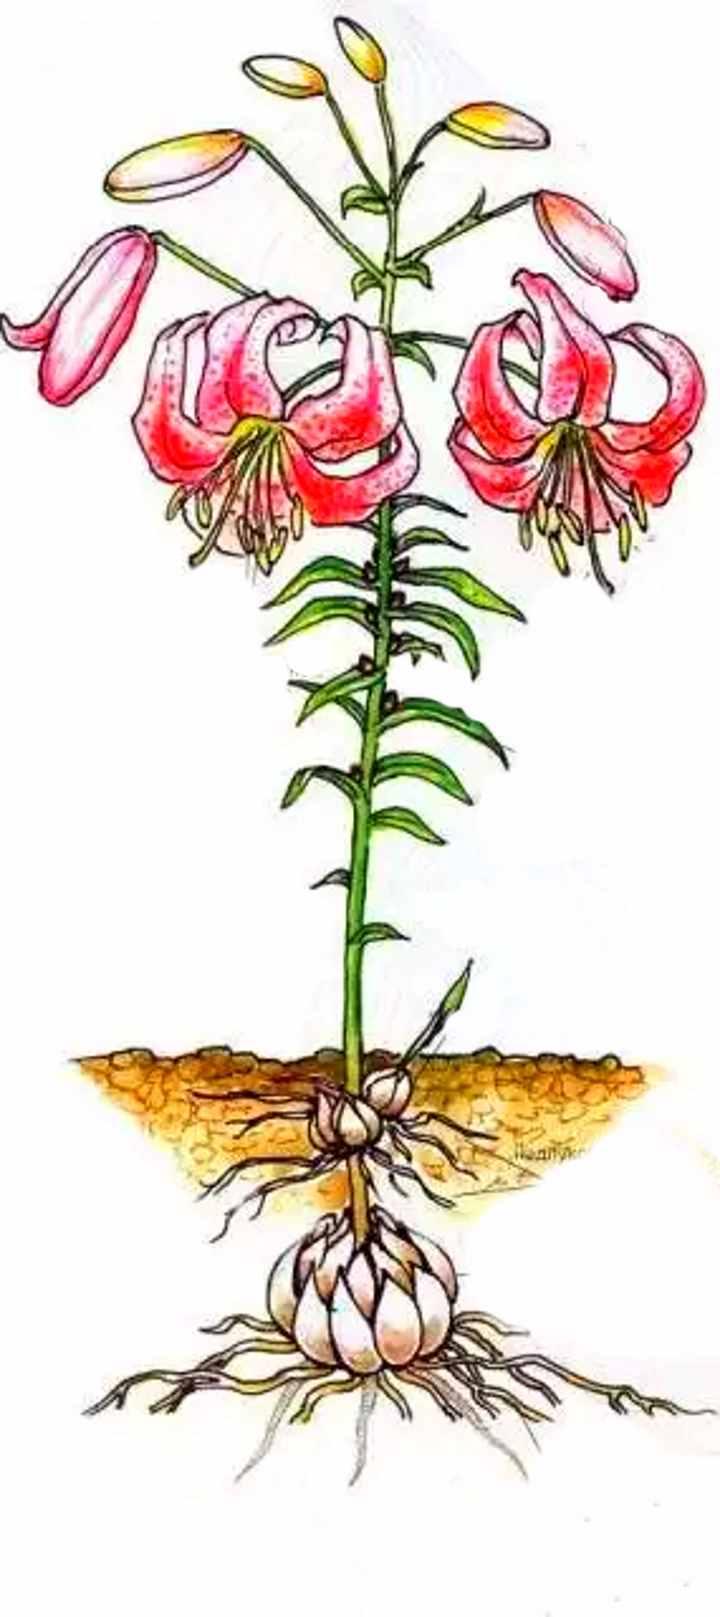 Внешний вид лилии от корня до цветка